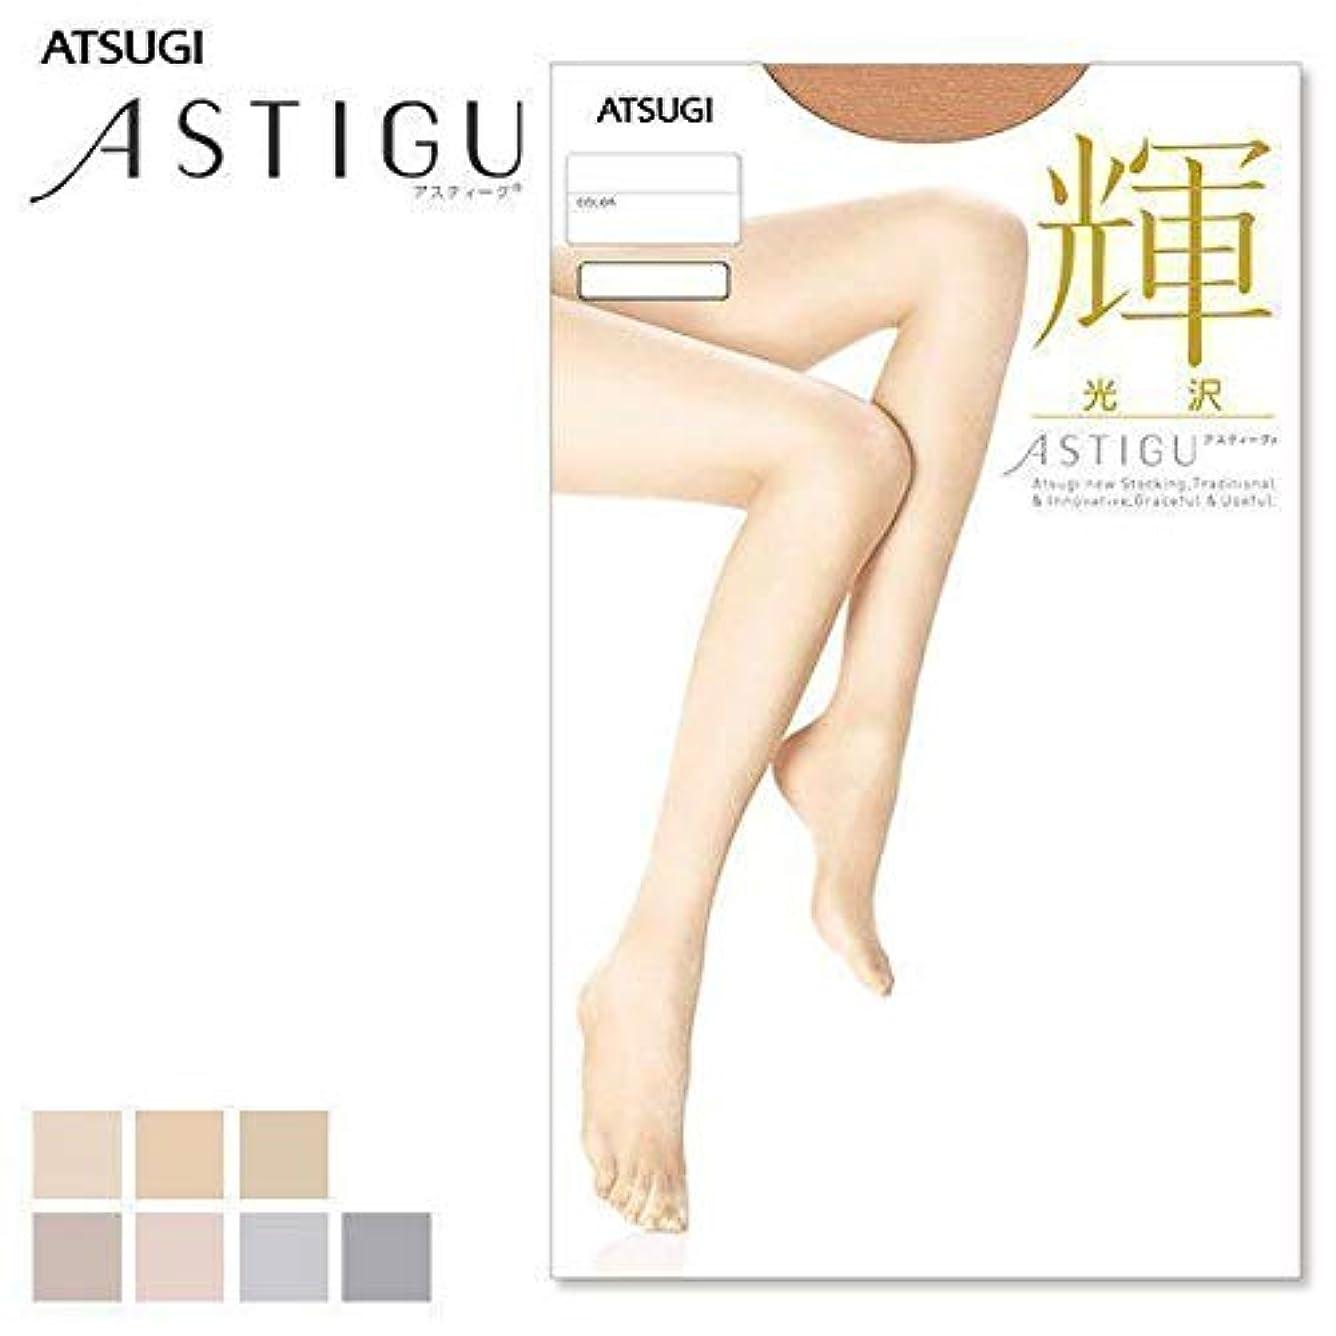 死の顎邪悪な発生器アツギ ASTIGU(アスティーグ)輝(ヌーディベージュ)サイズ M~L